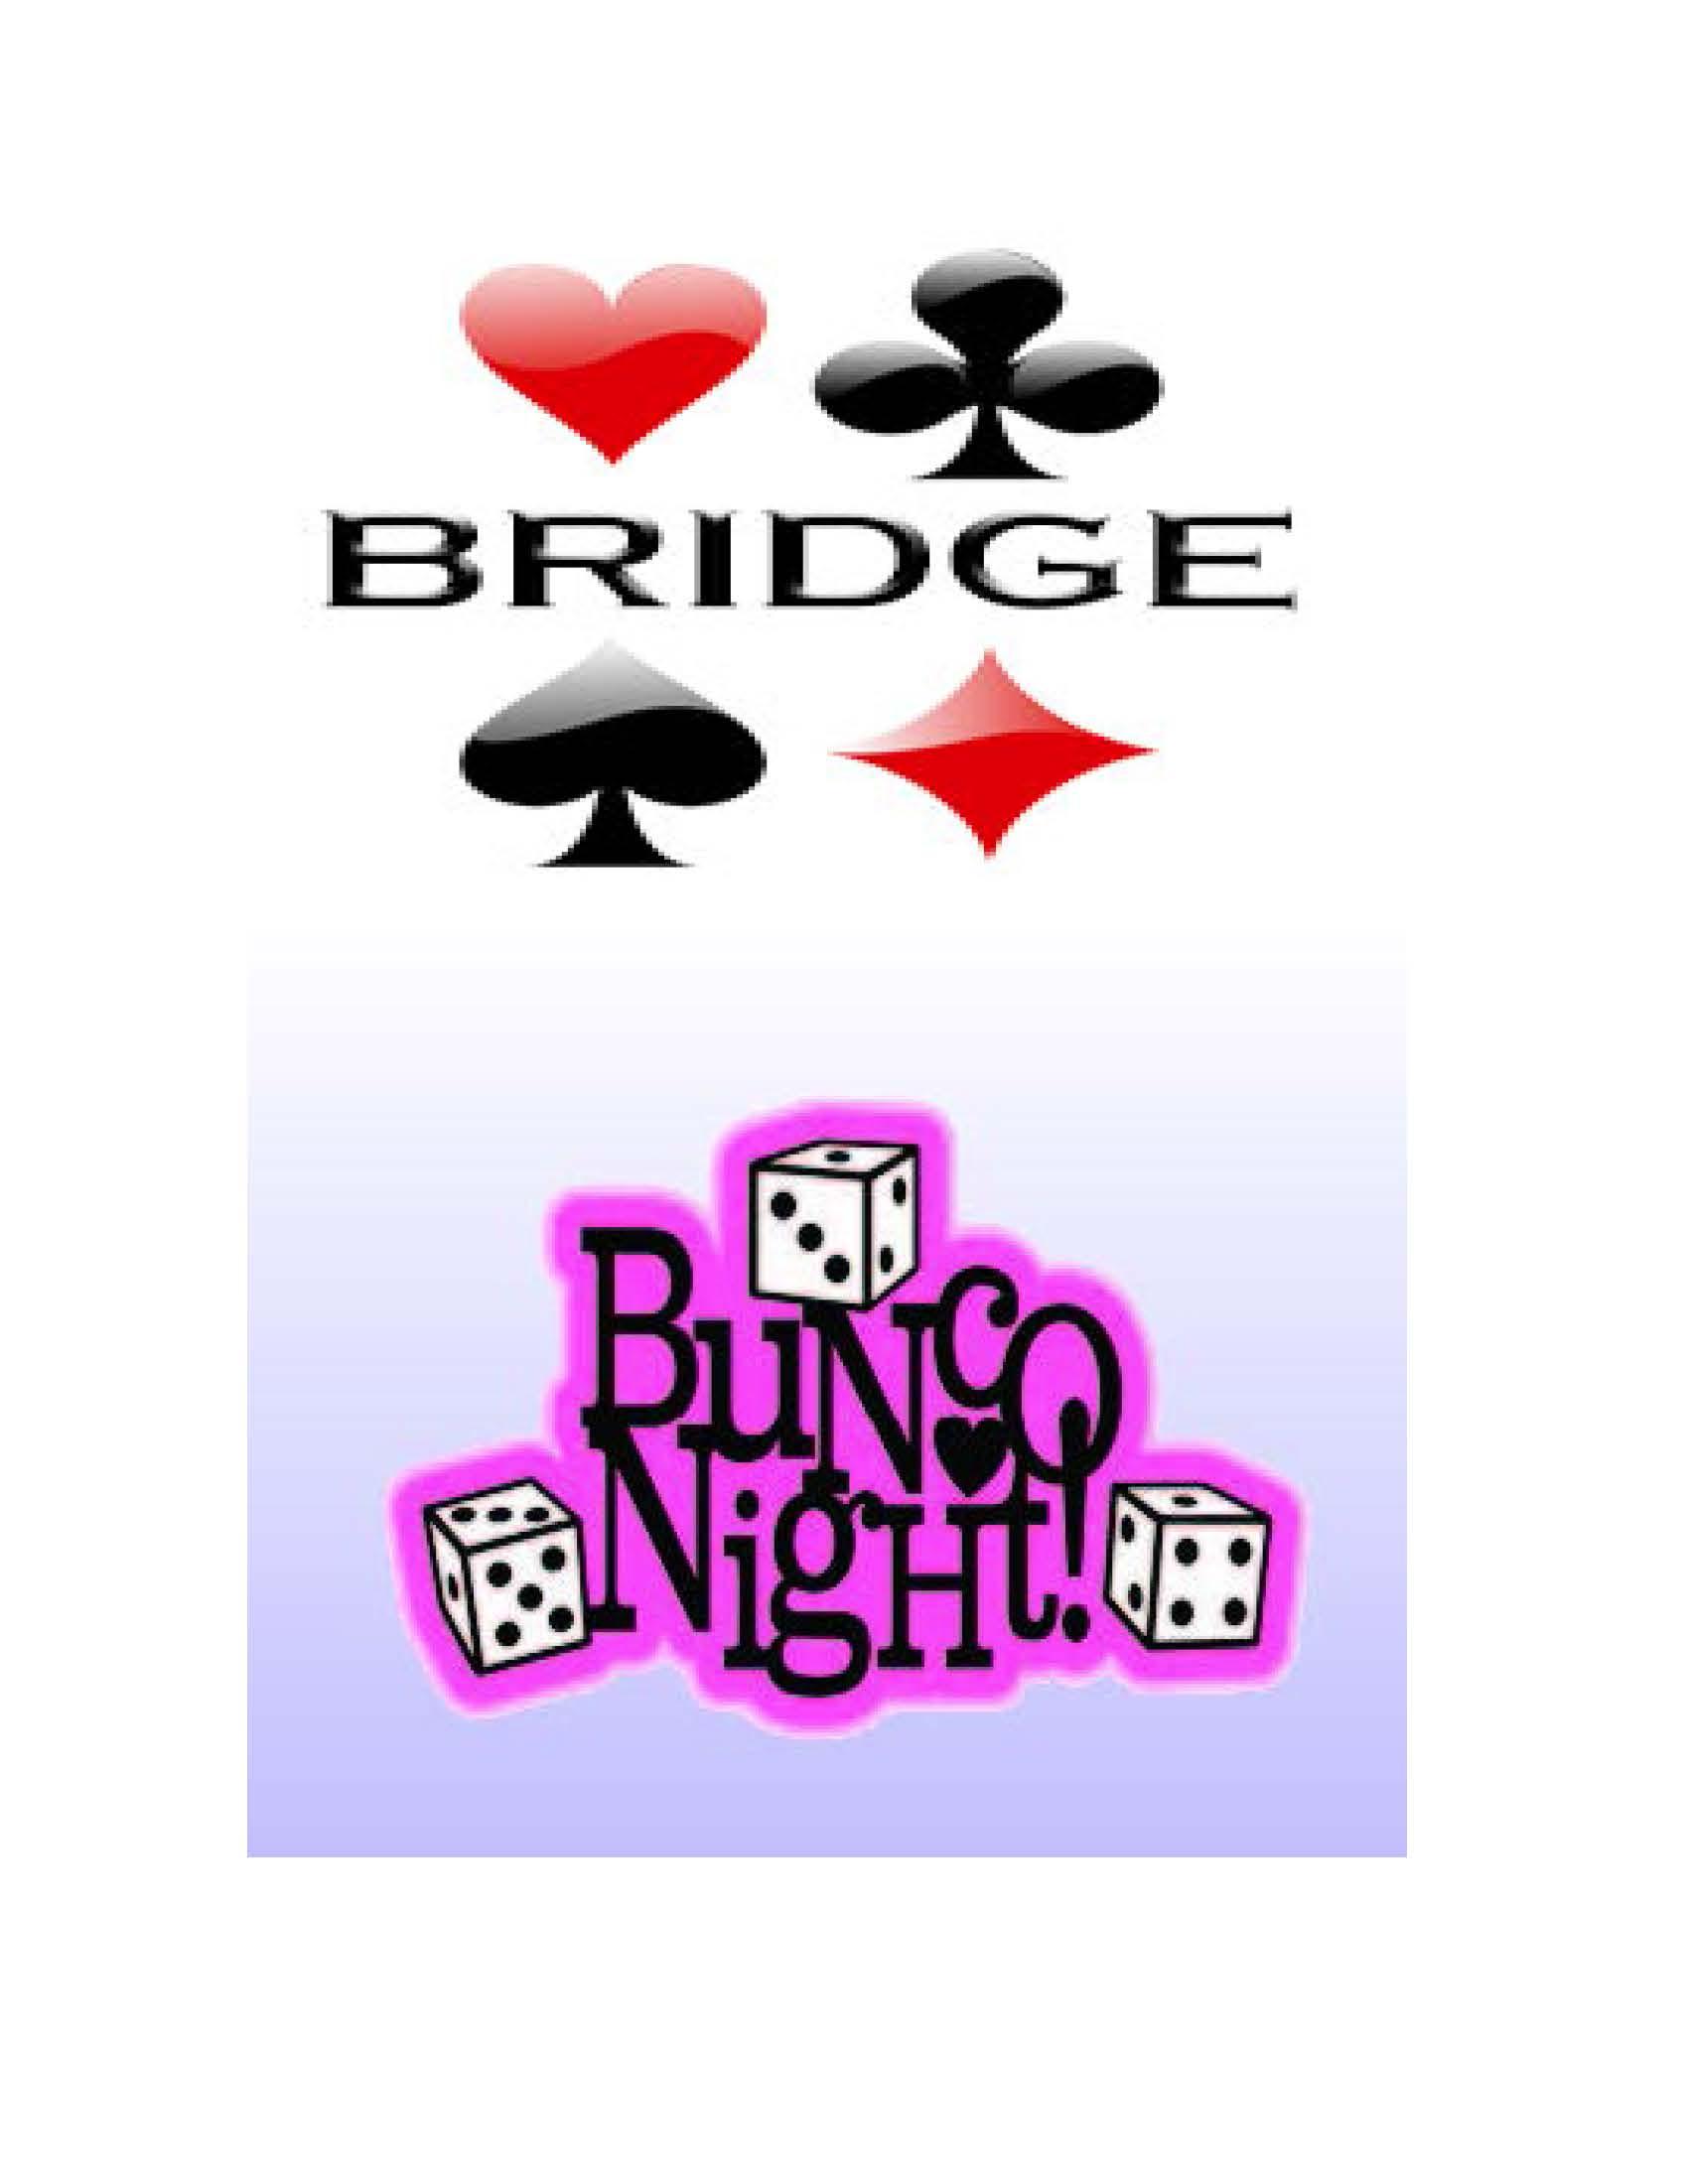 Bridge Bunco.jpg